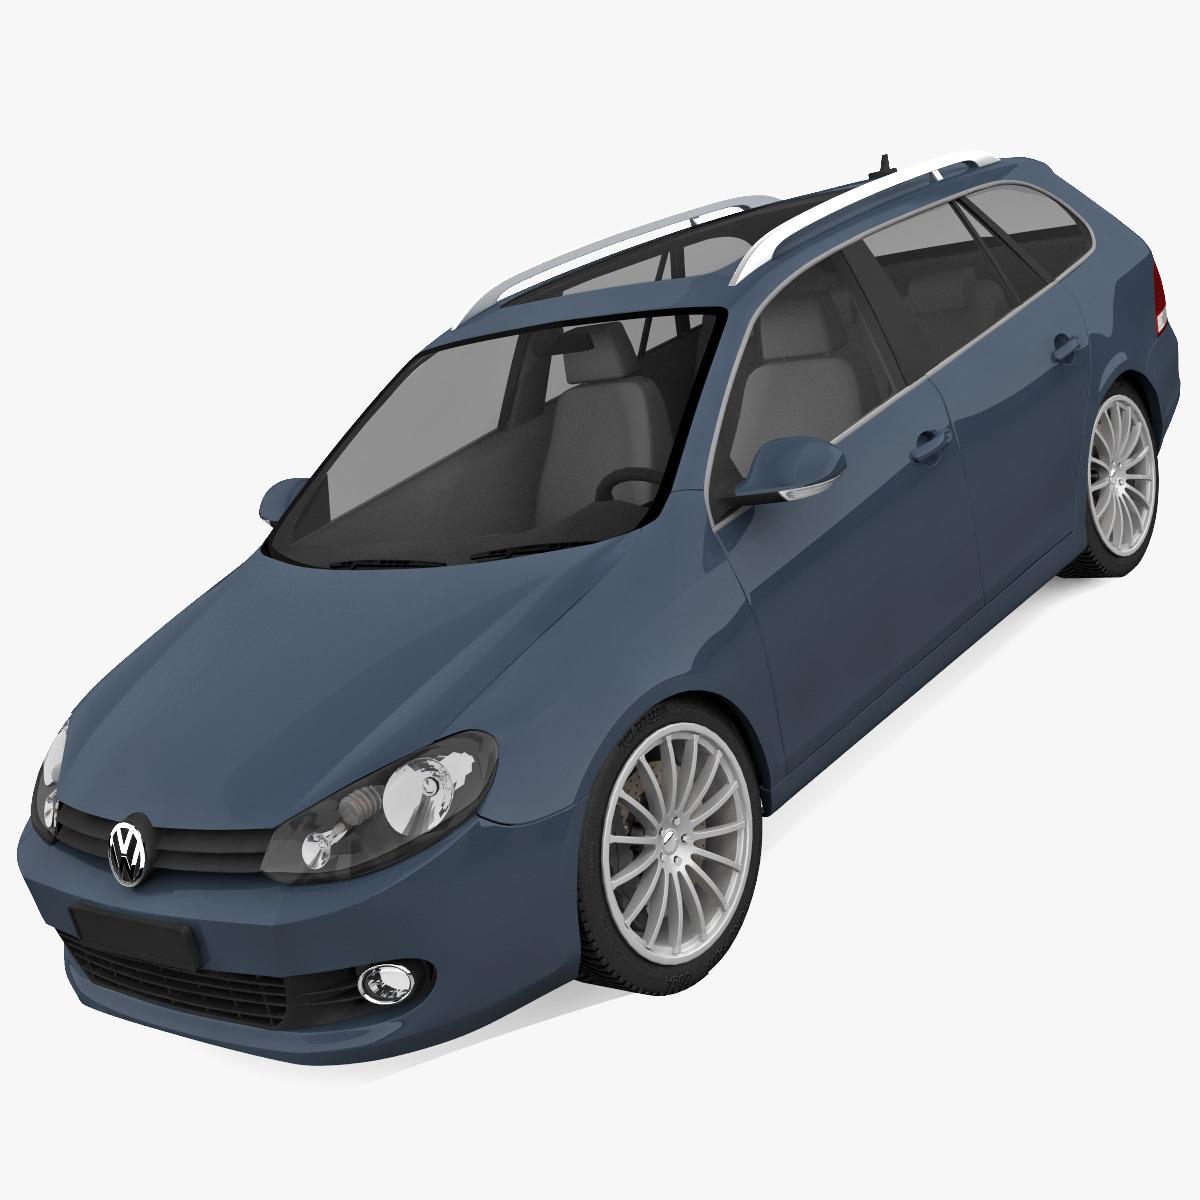 Volkswagen_golf_2010_00.jpg